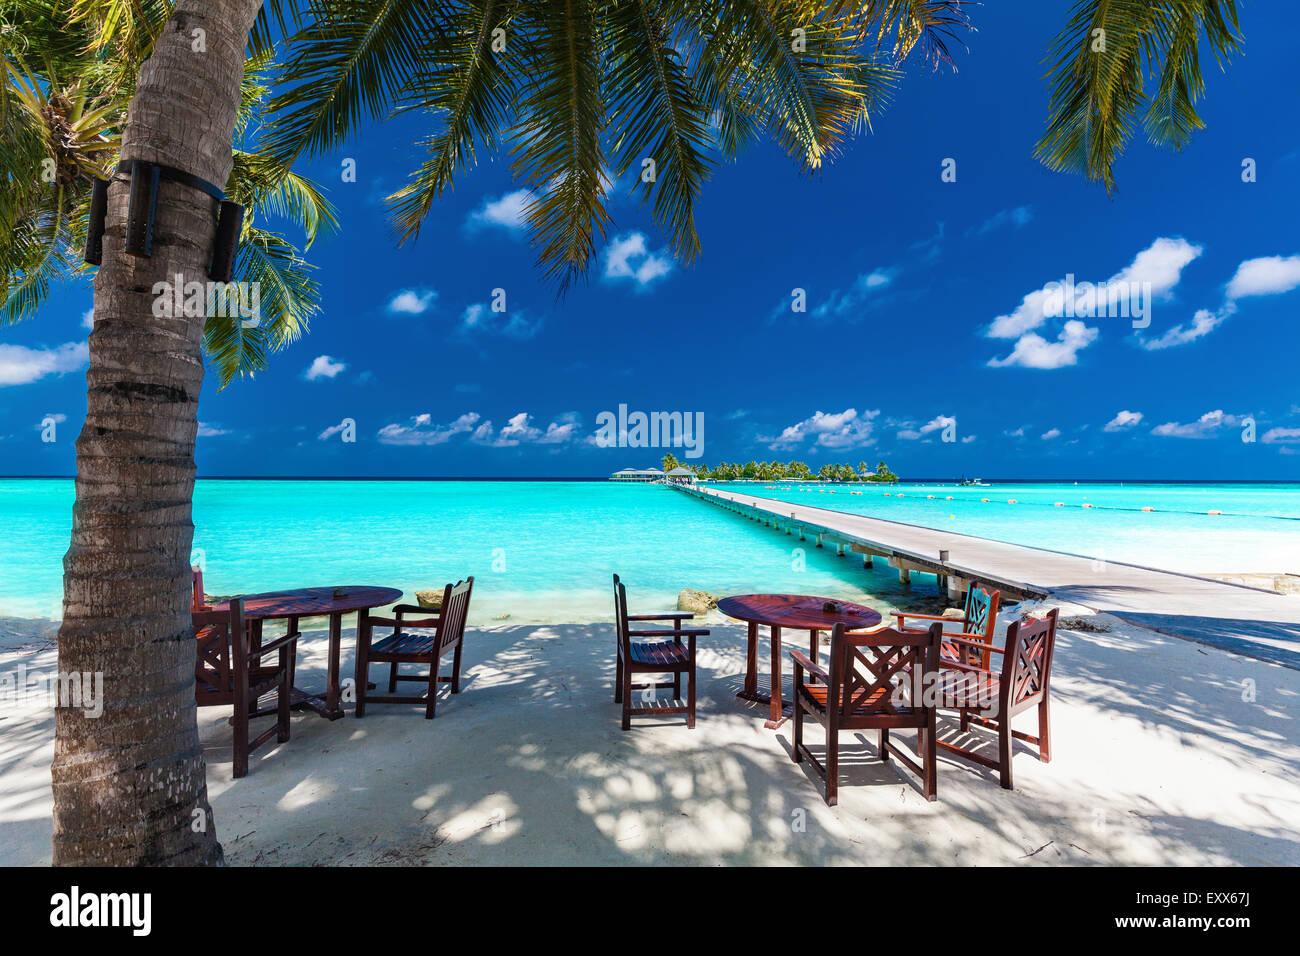 Des tables et des chaises à l'ombre de palmier sur une île tropicale Photo Stock